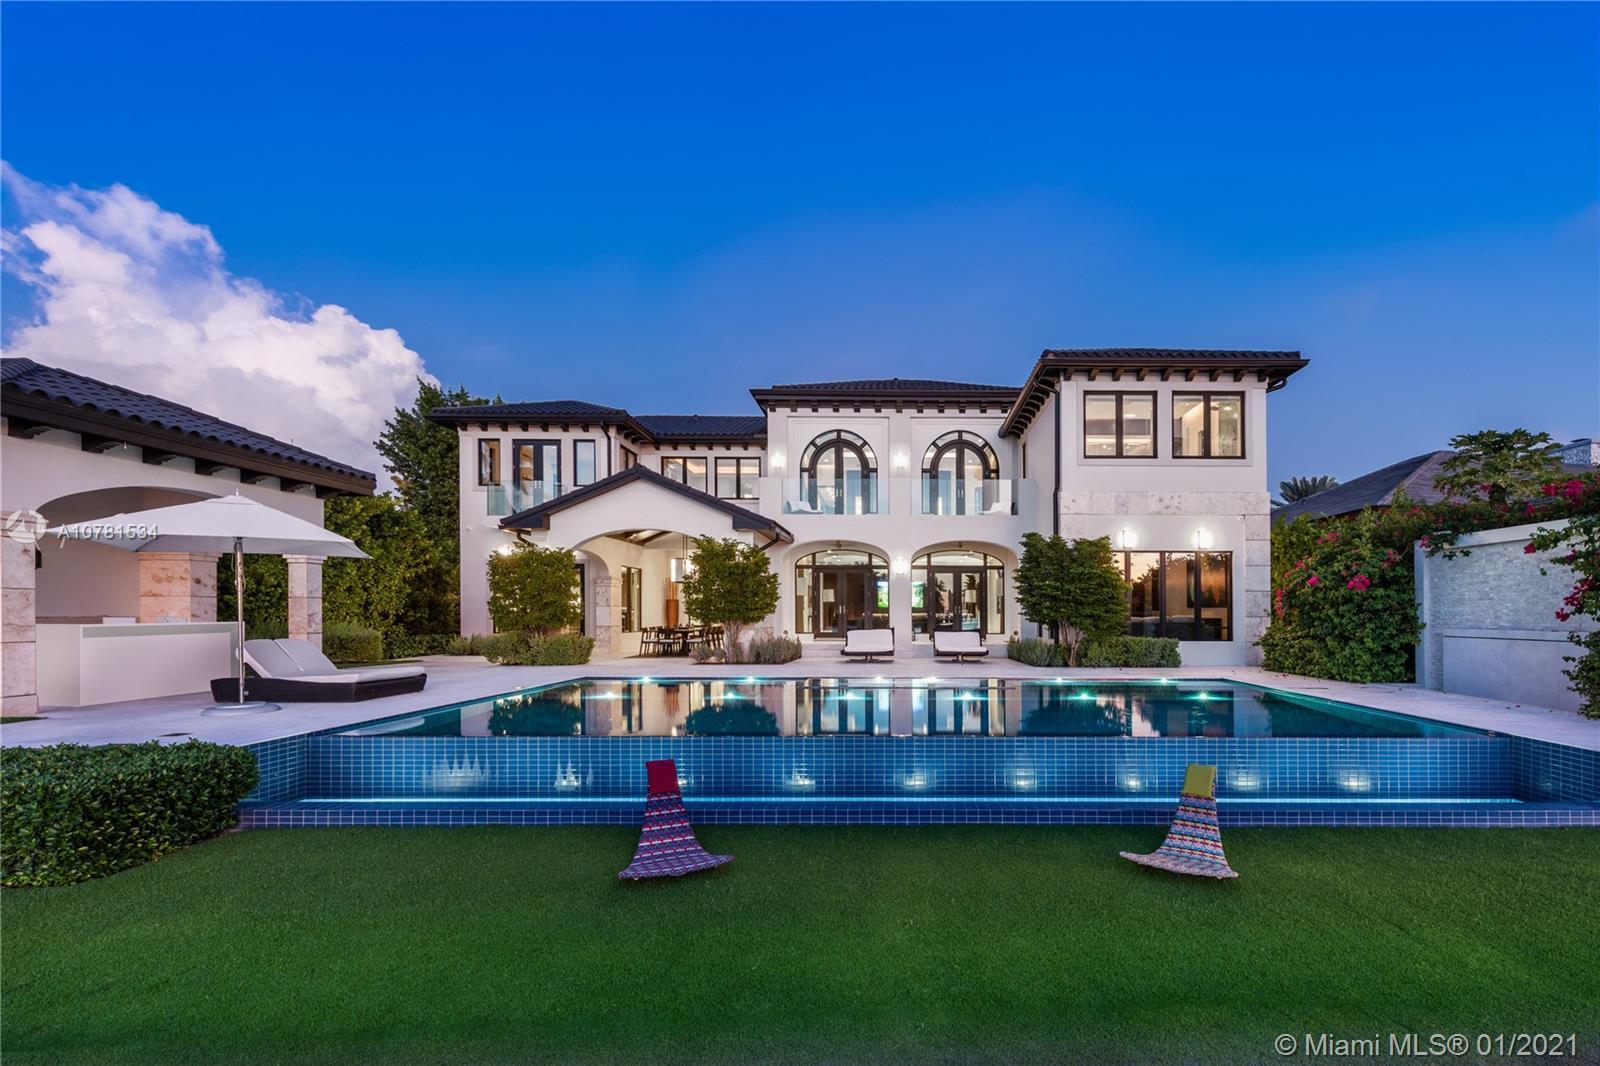 2204 N Bay Rd, Miami Beach, FL 33140